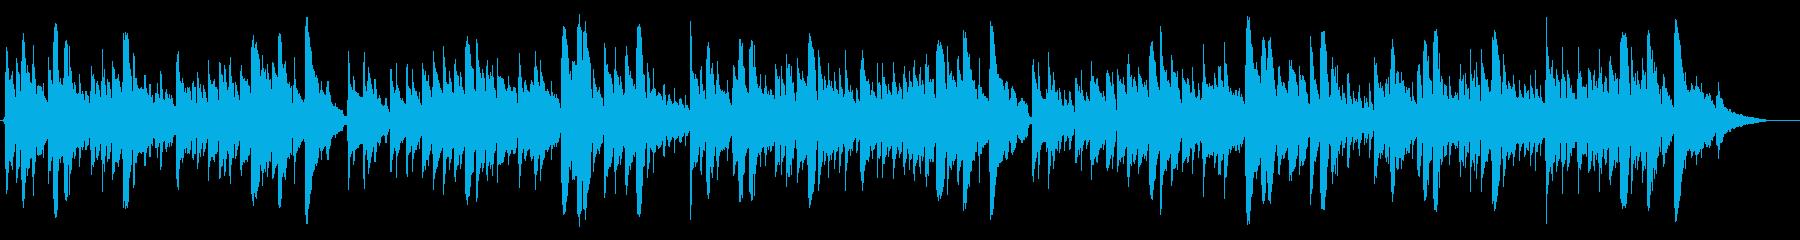 童謡 七つの子 カラスなぜ鳴くの アコギの再生済みの波形